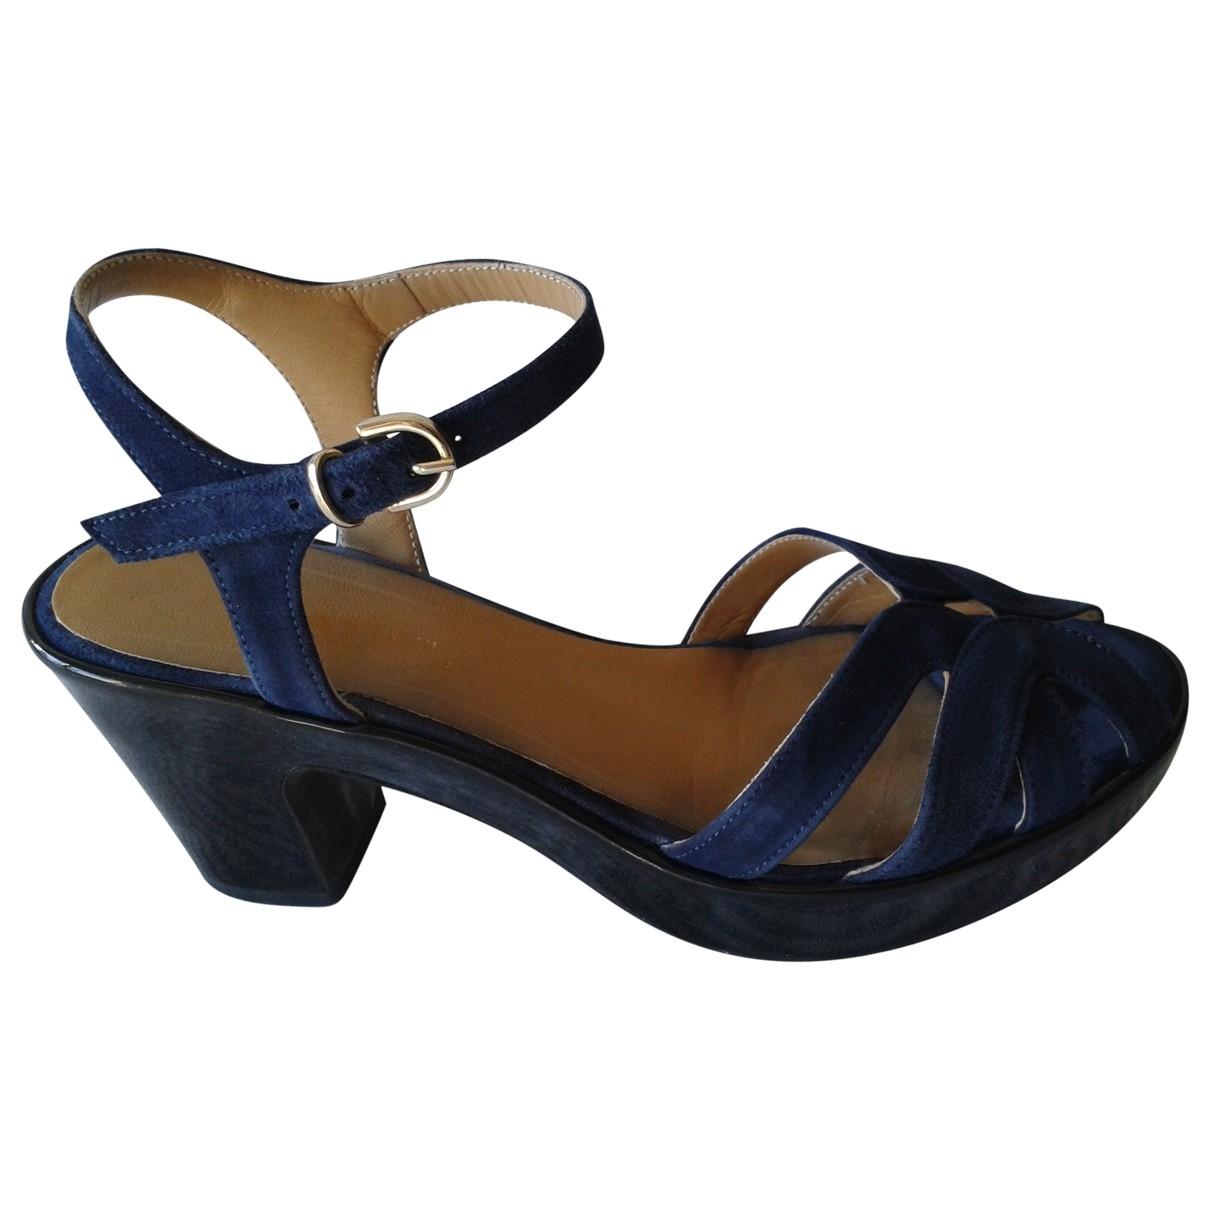 Carel \N Blue Leather Heels for Women 37 IT